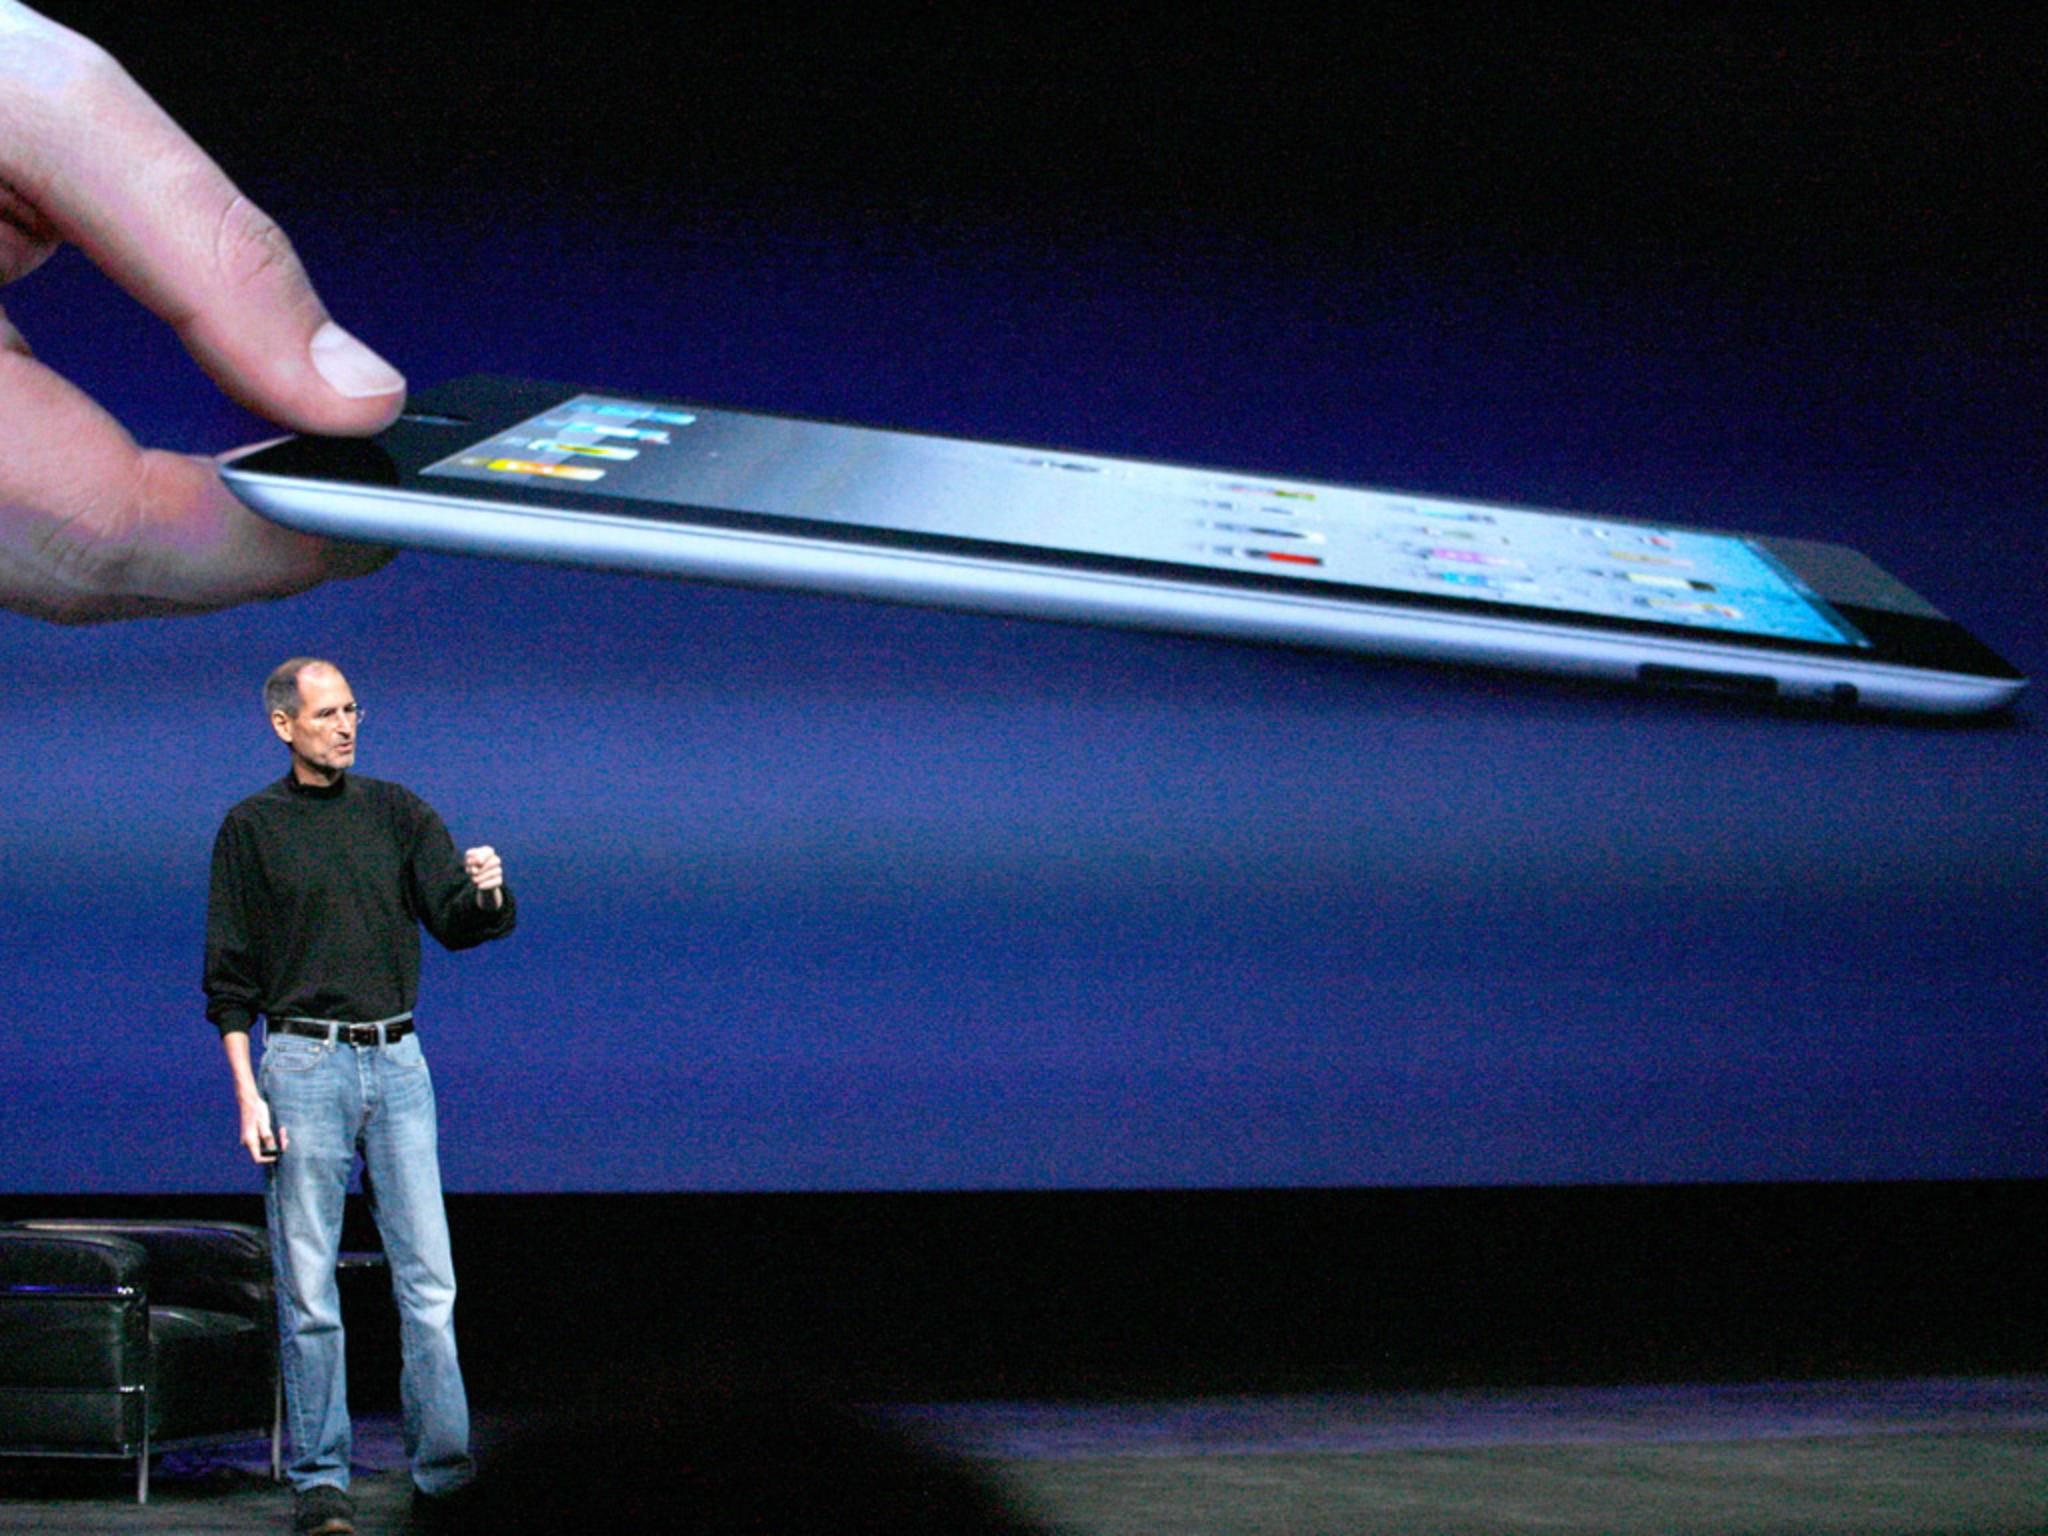 Das iPad 2 hat Probleme mit dem iOS 9.3-Update.